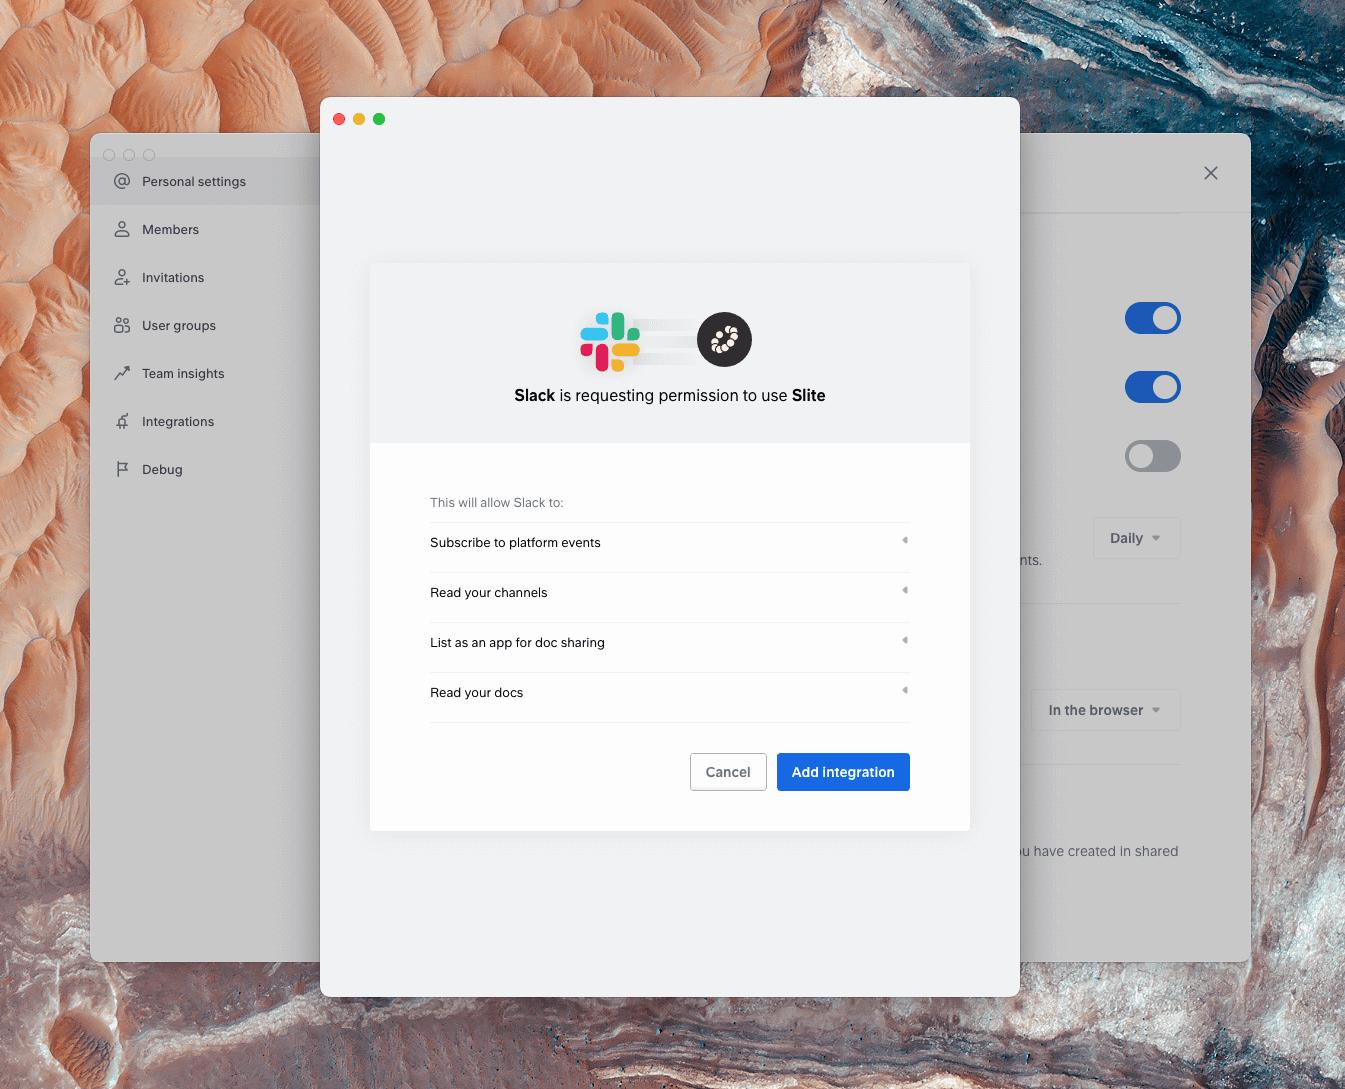 Add integration between Slack and Slite.